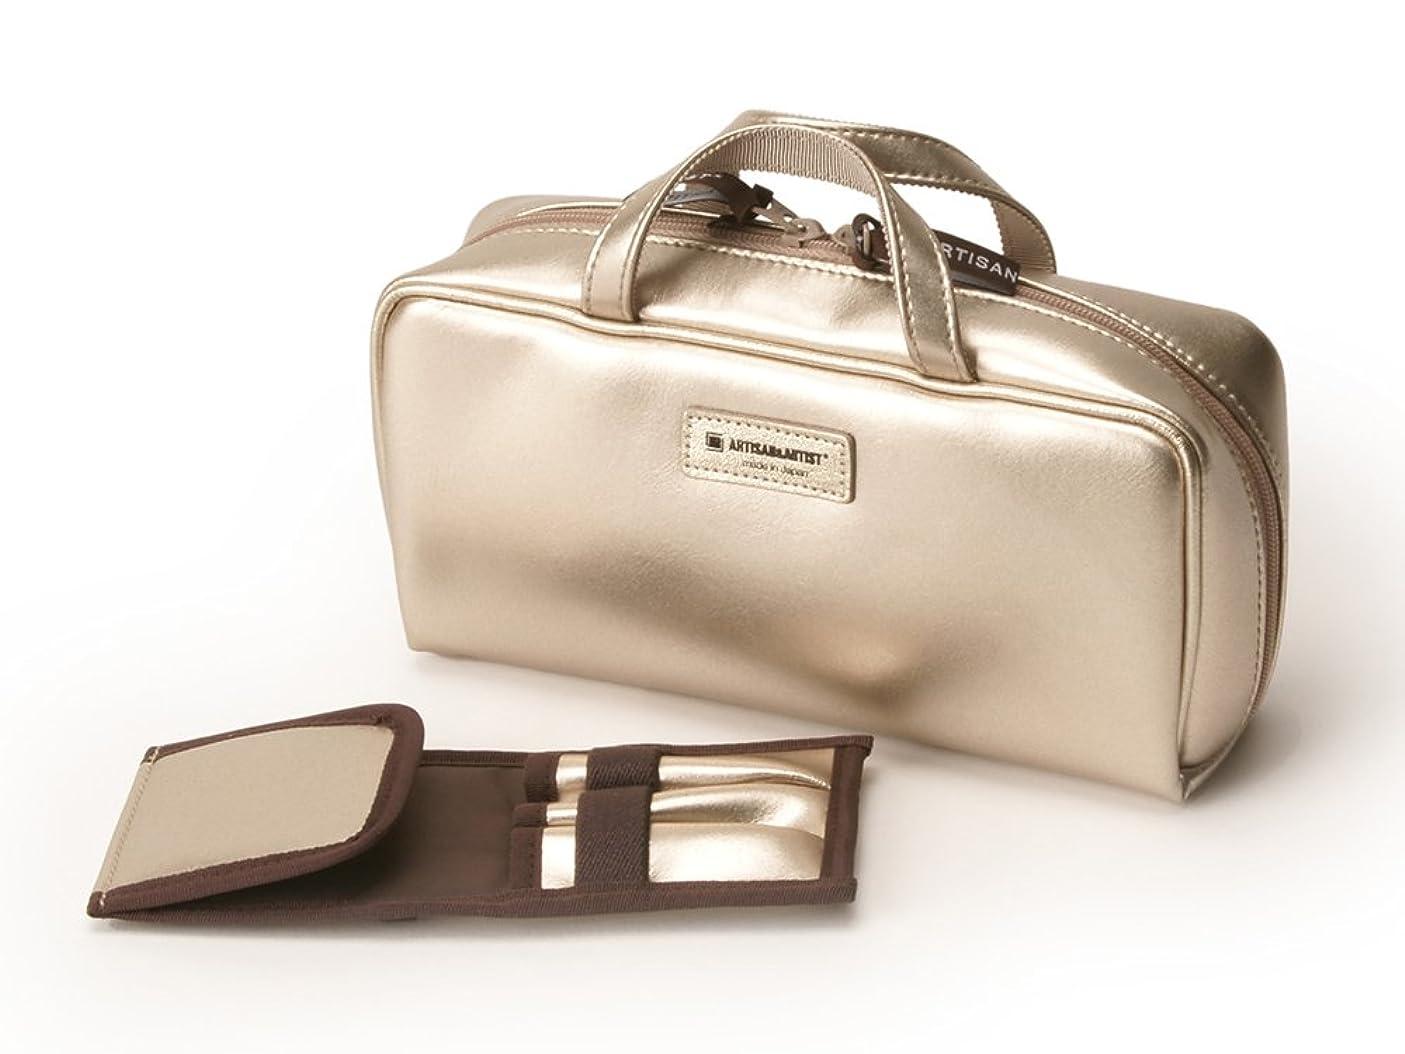 バッグあさりかんたん[アルティザン&アーティスト] ブラシケース付きバッグ型ポーチ<Daily Gold(デイリーゴールド)> 8WP-PT619 ゴールド